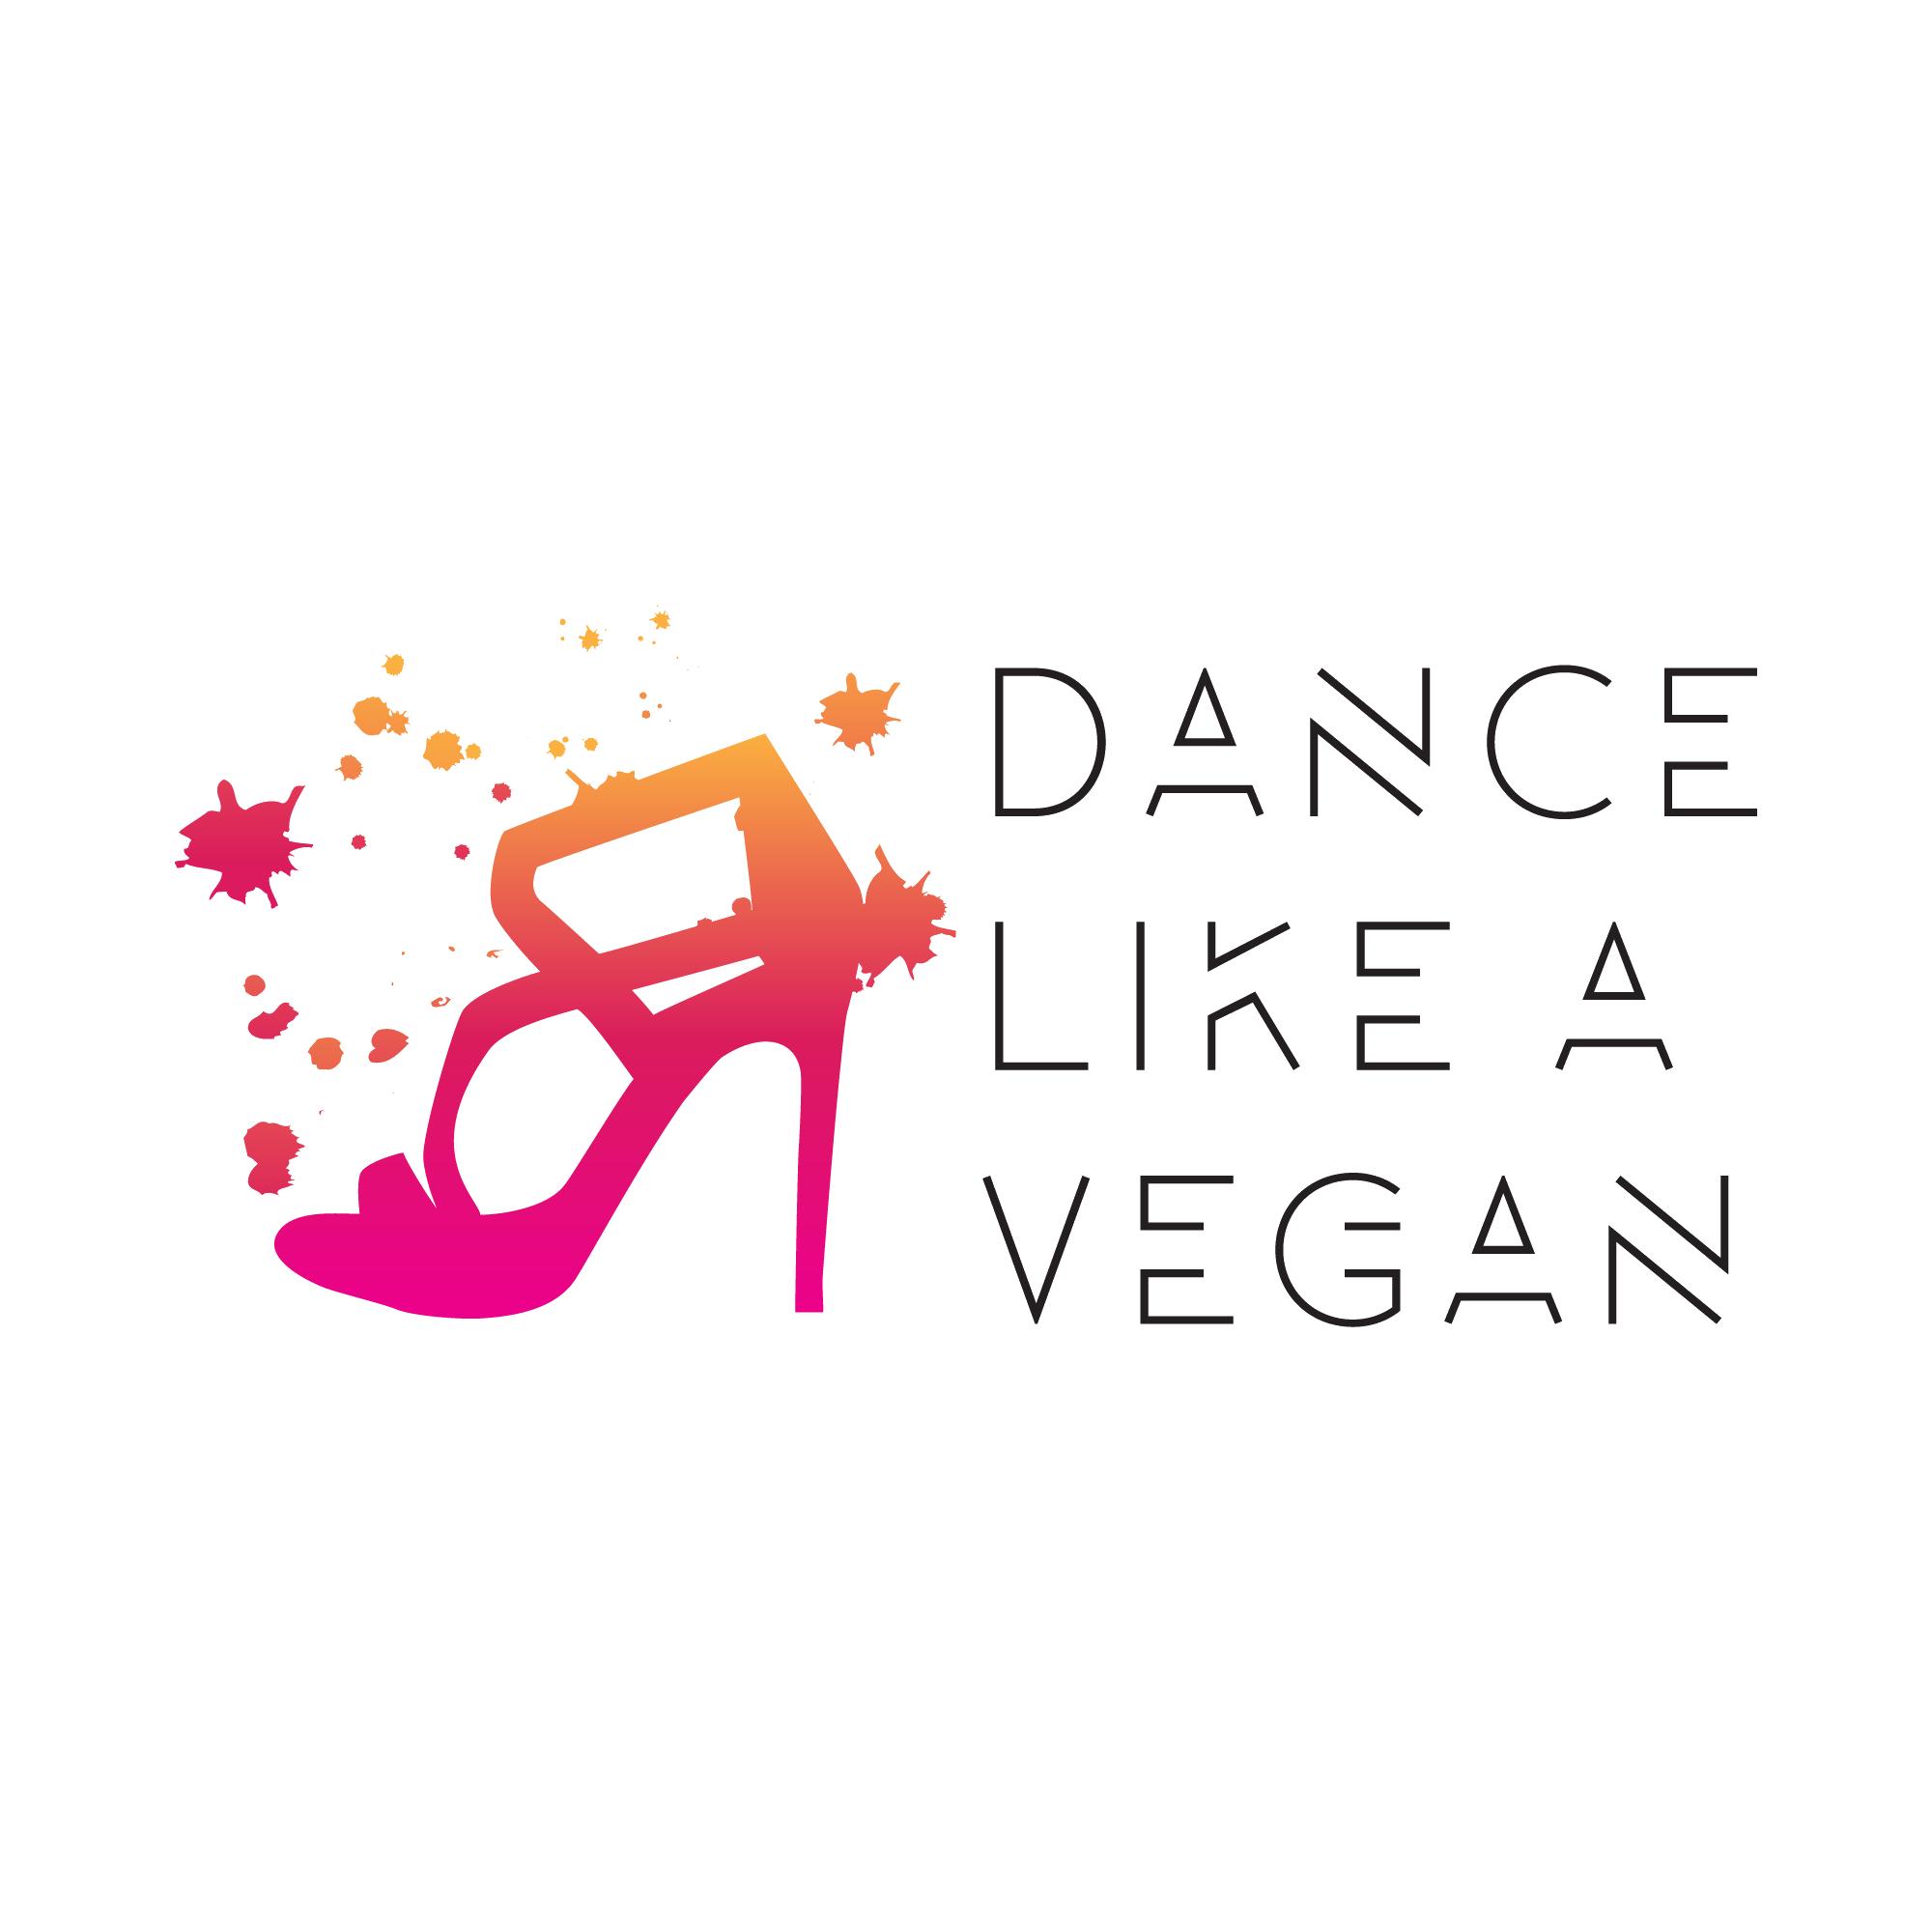 Dance Like a Vegan     P.O. Box 13113 Minneapolis, MN 55414  sales@dancevegan.com